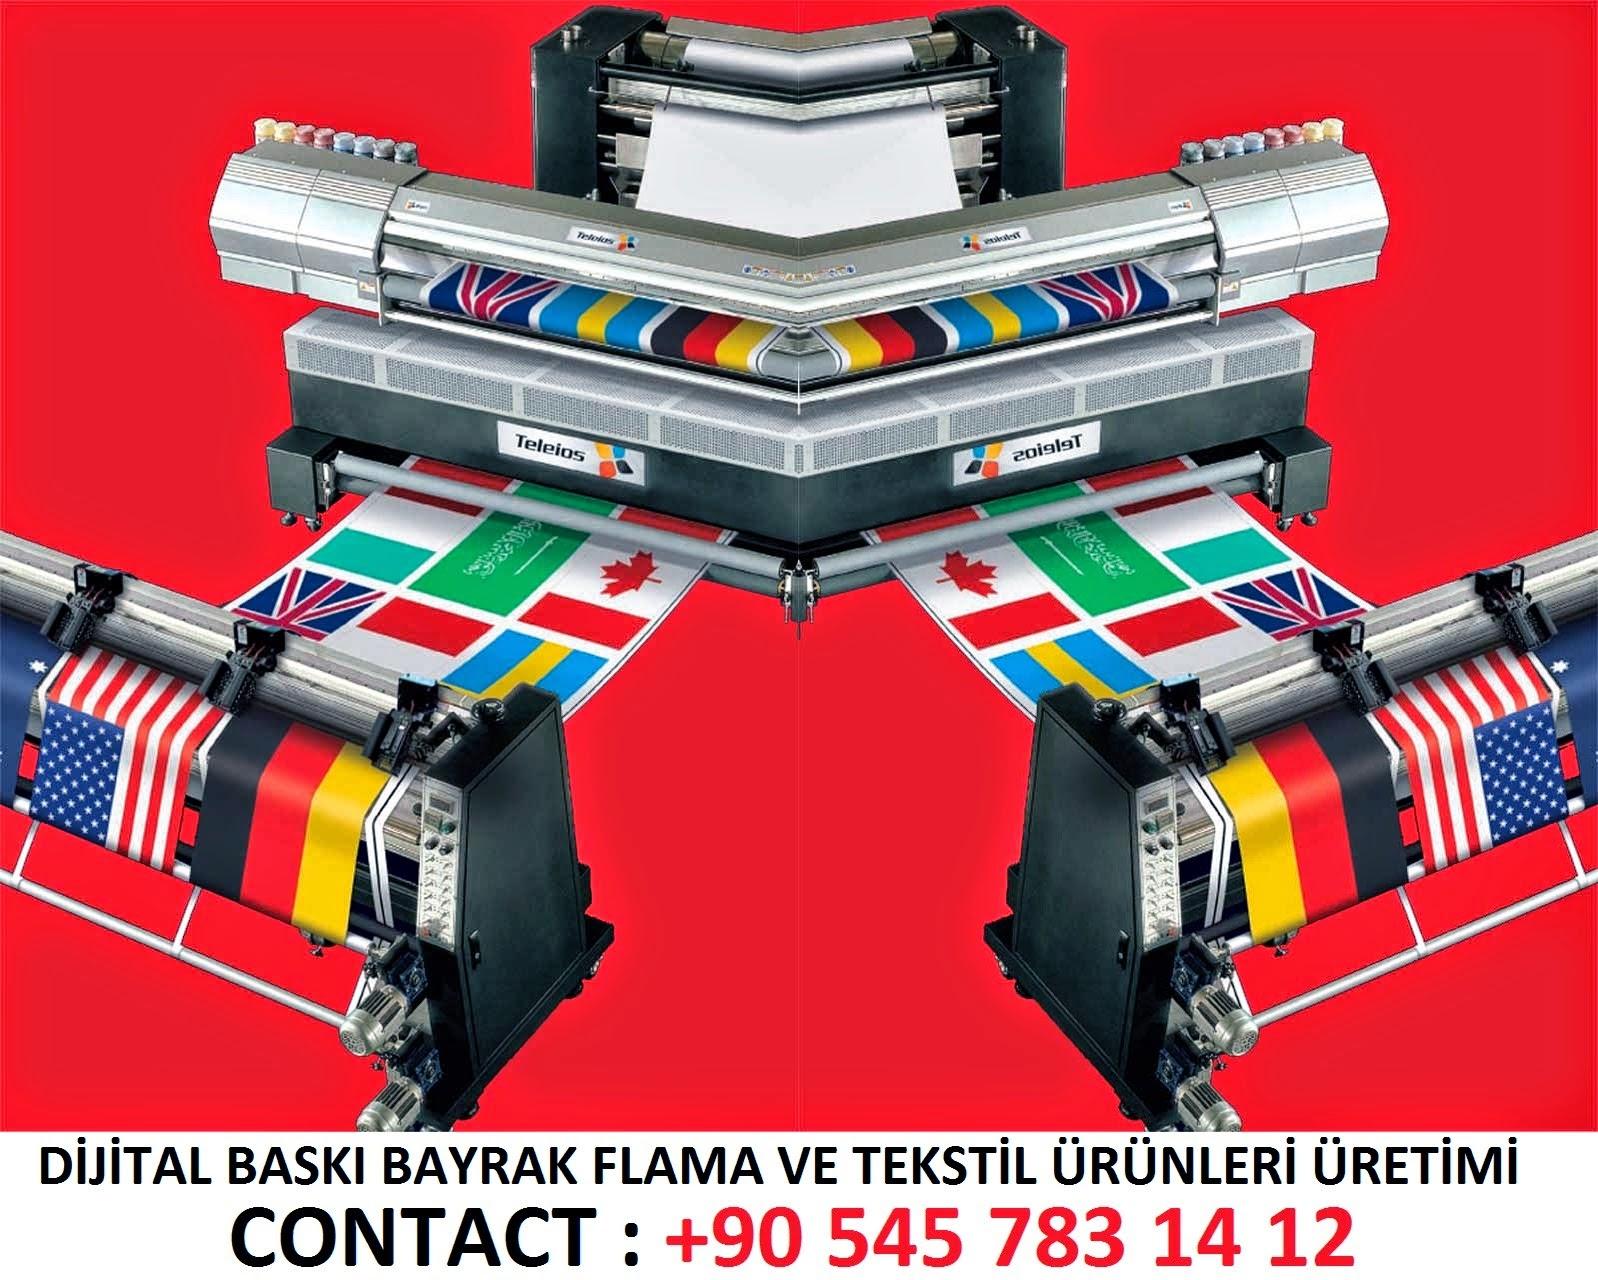 Bayrak imalatı toptan bayrak imalatçıları en ucuz bayrak yapanlar